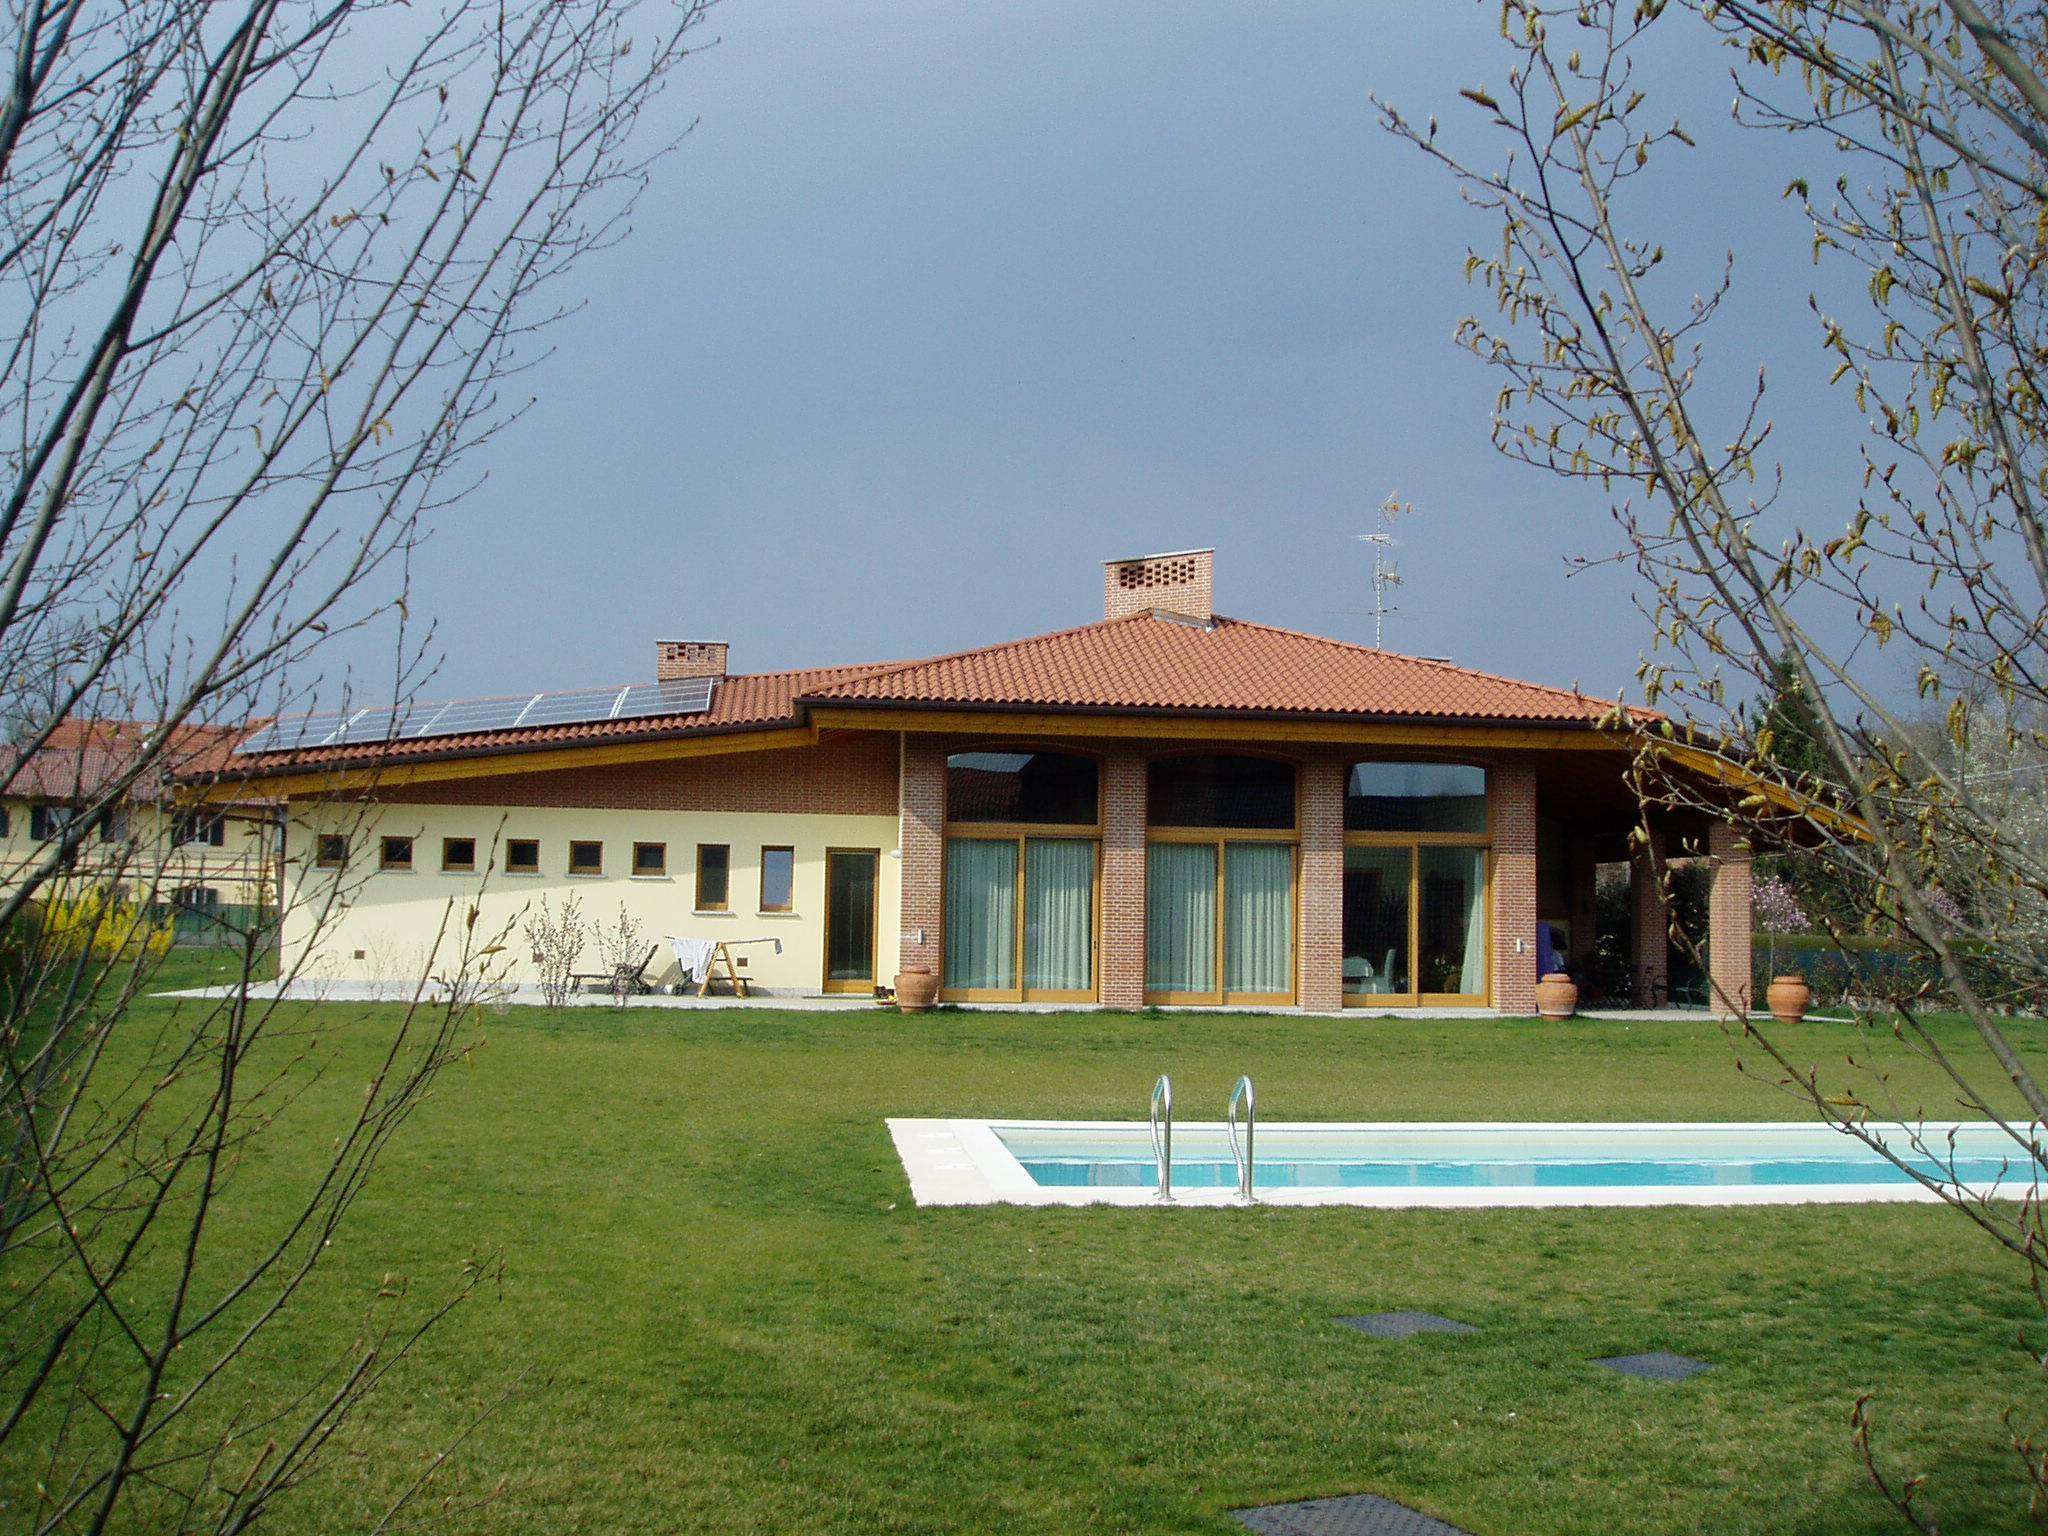 Progetto costruzione casa di abitazione unifamiliare - Casa in comproprieta e diritto di abitazione ...